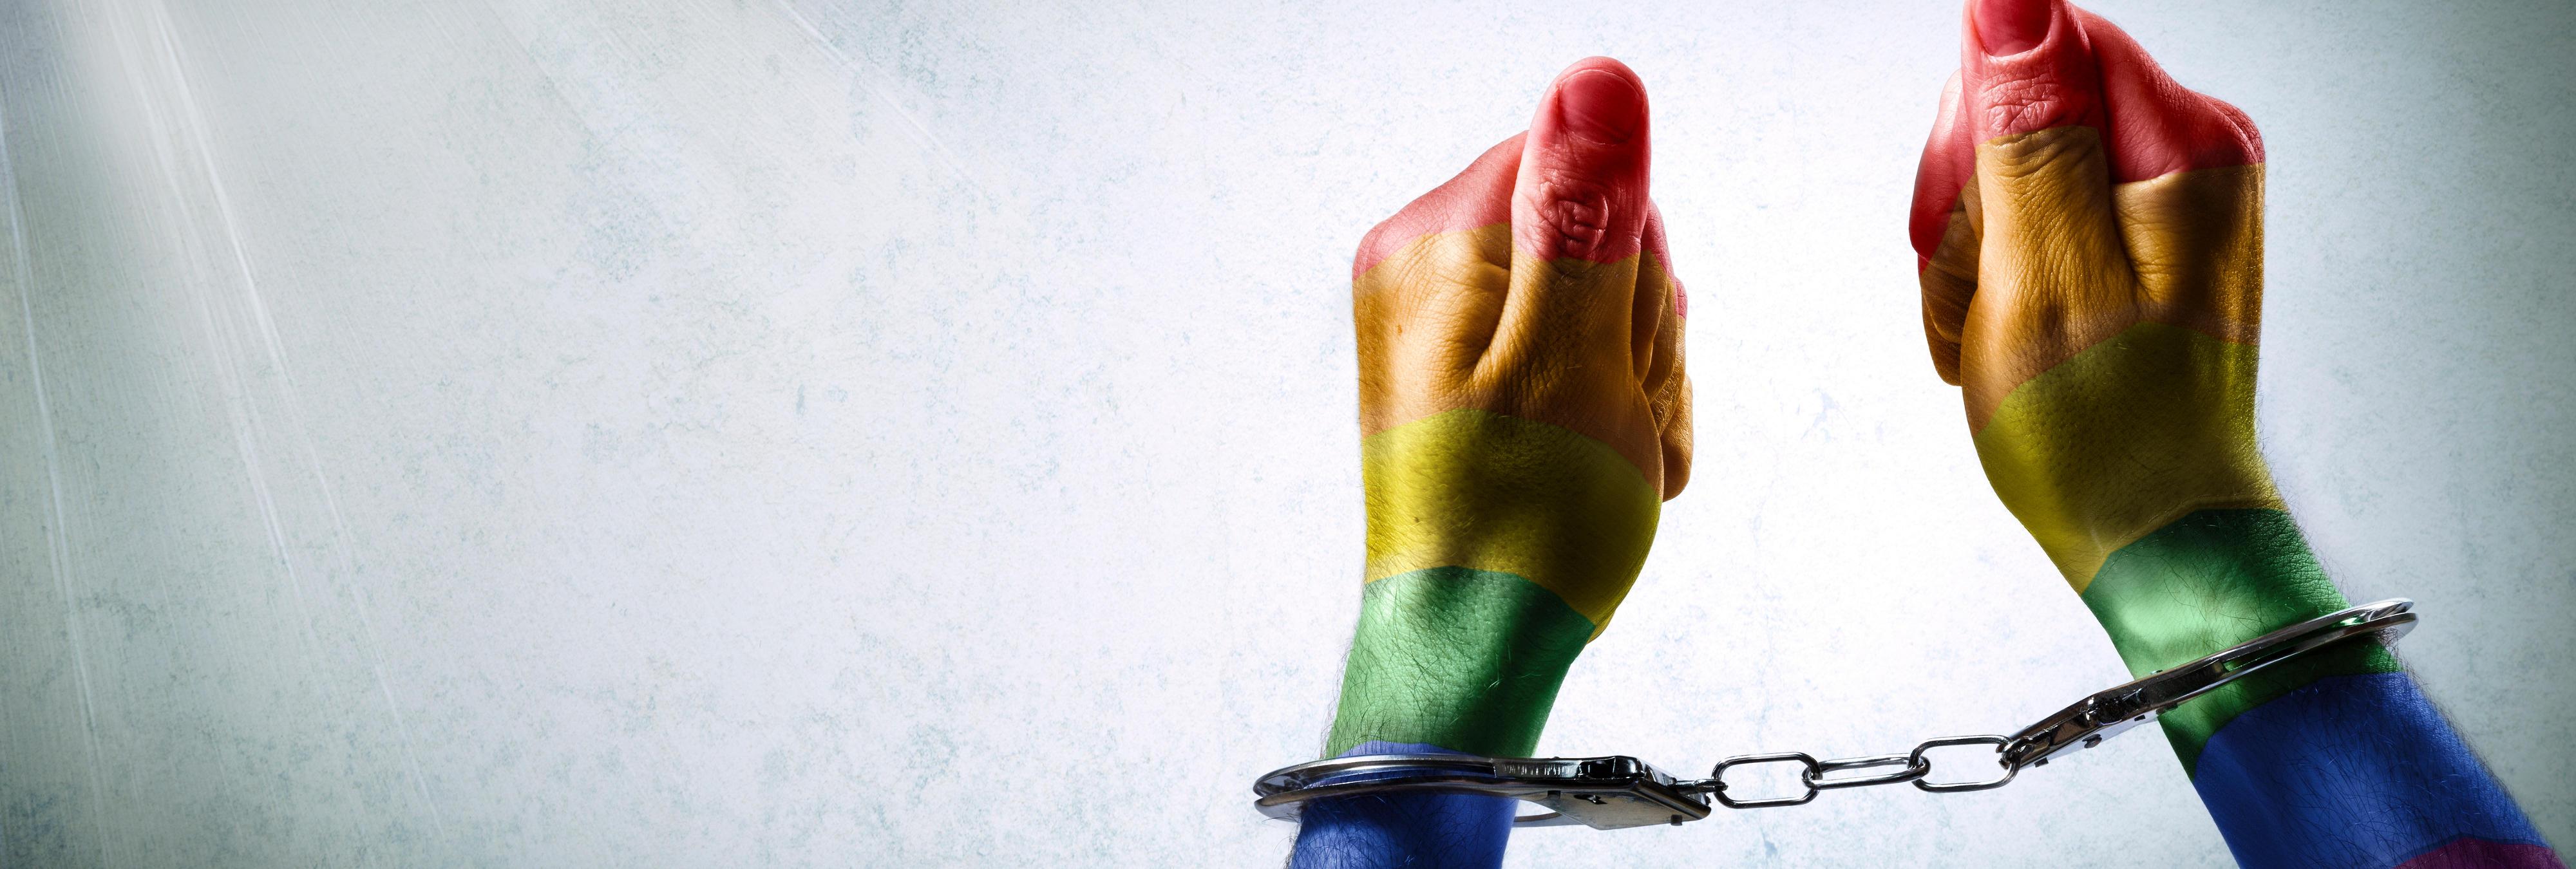 La policía egipcia está utilizando Grindr para detener a homosexuales